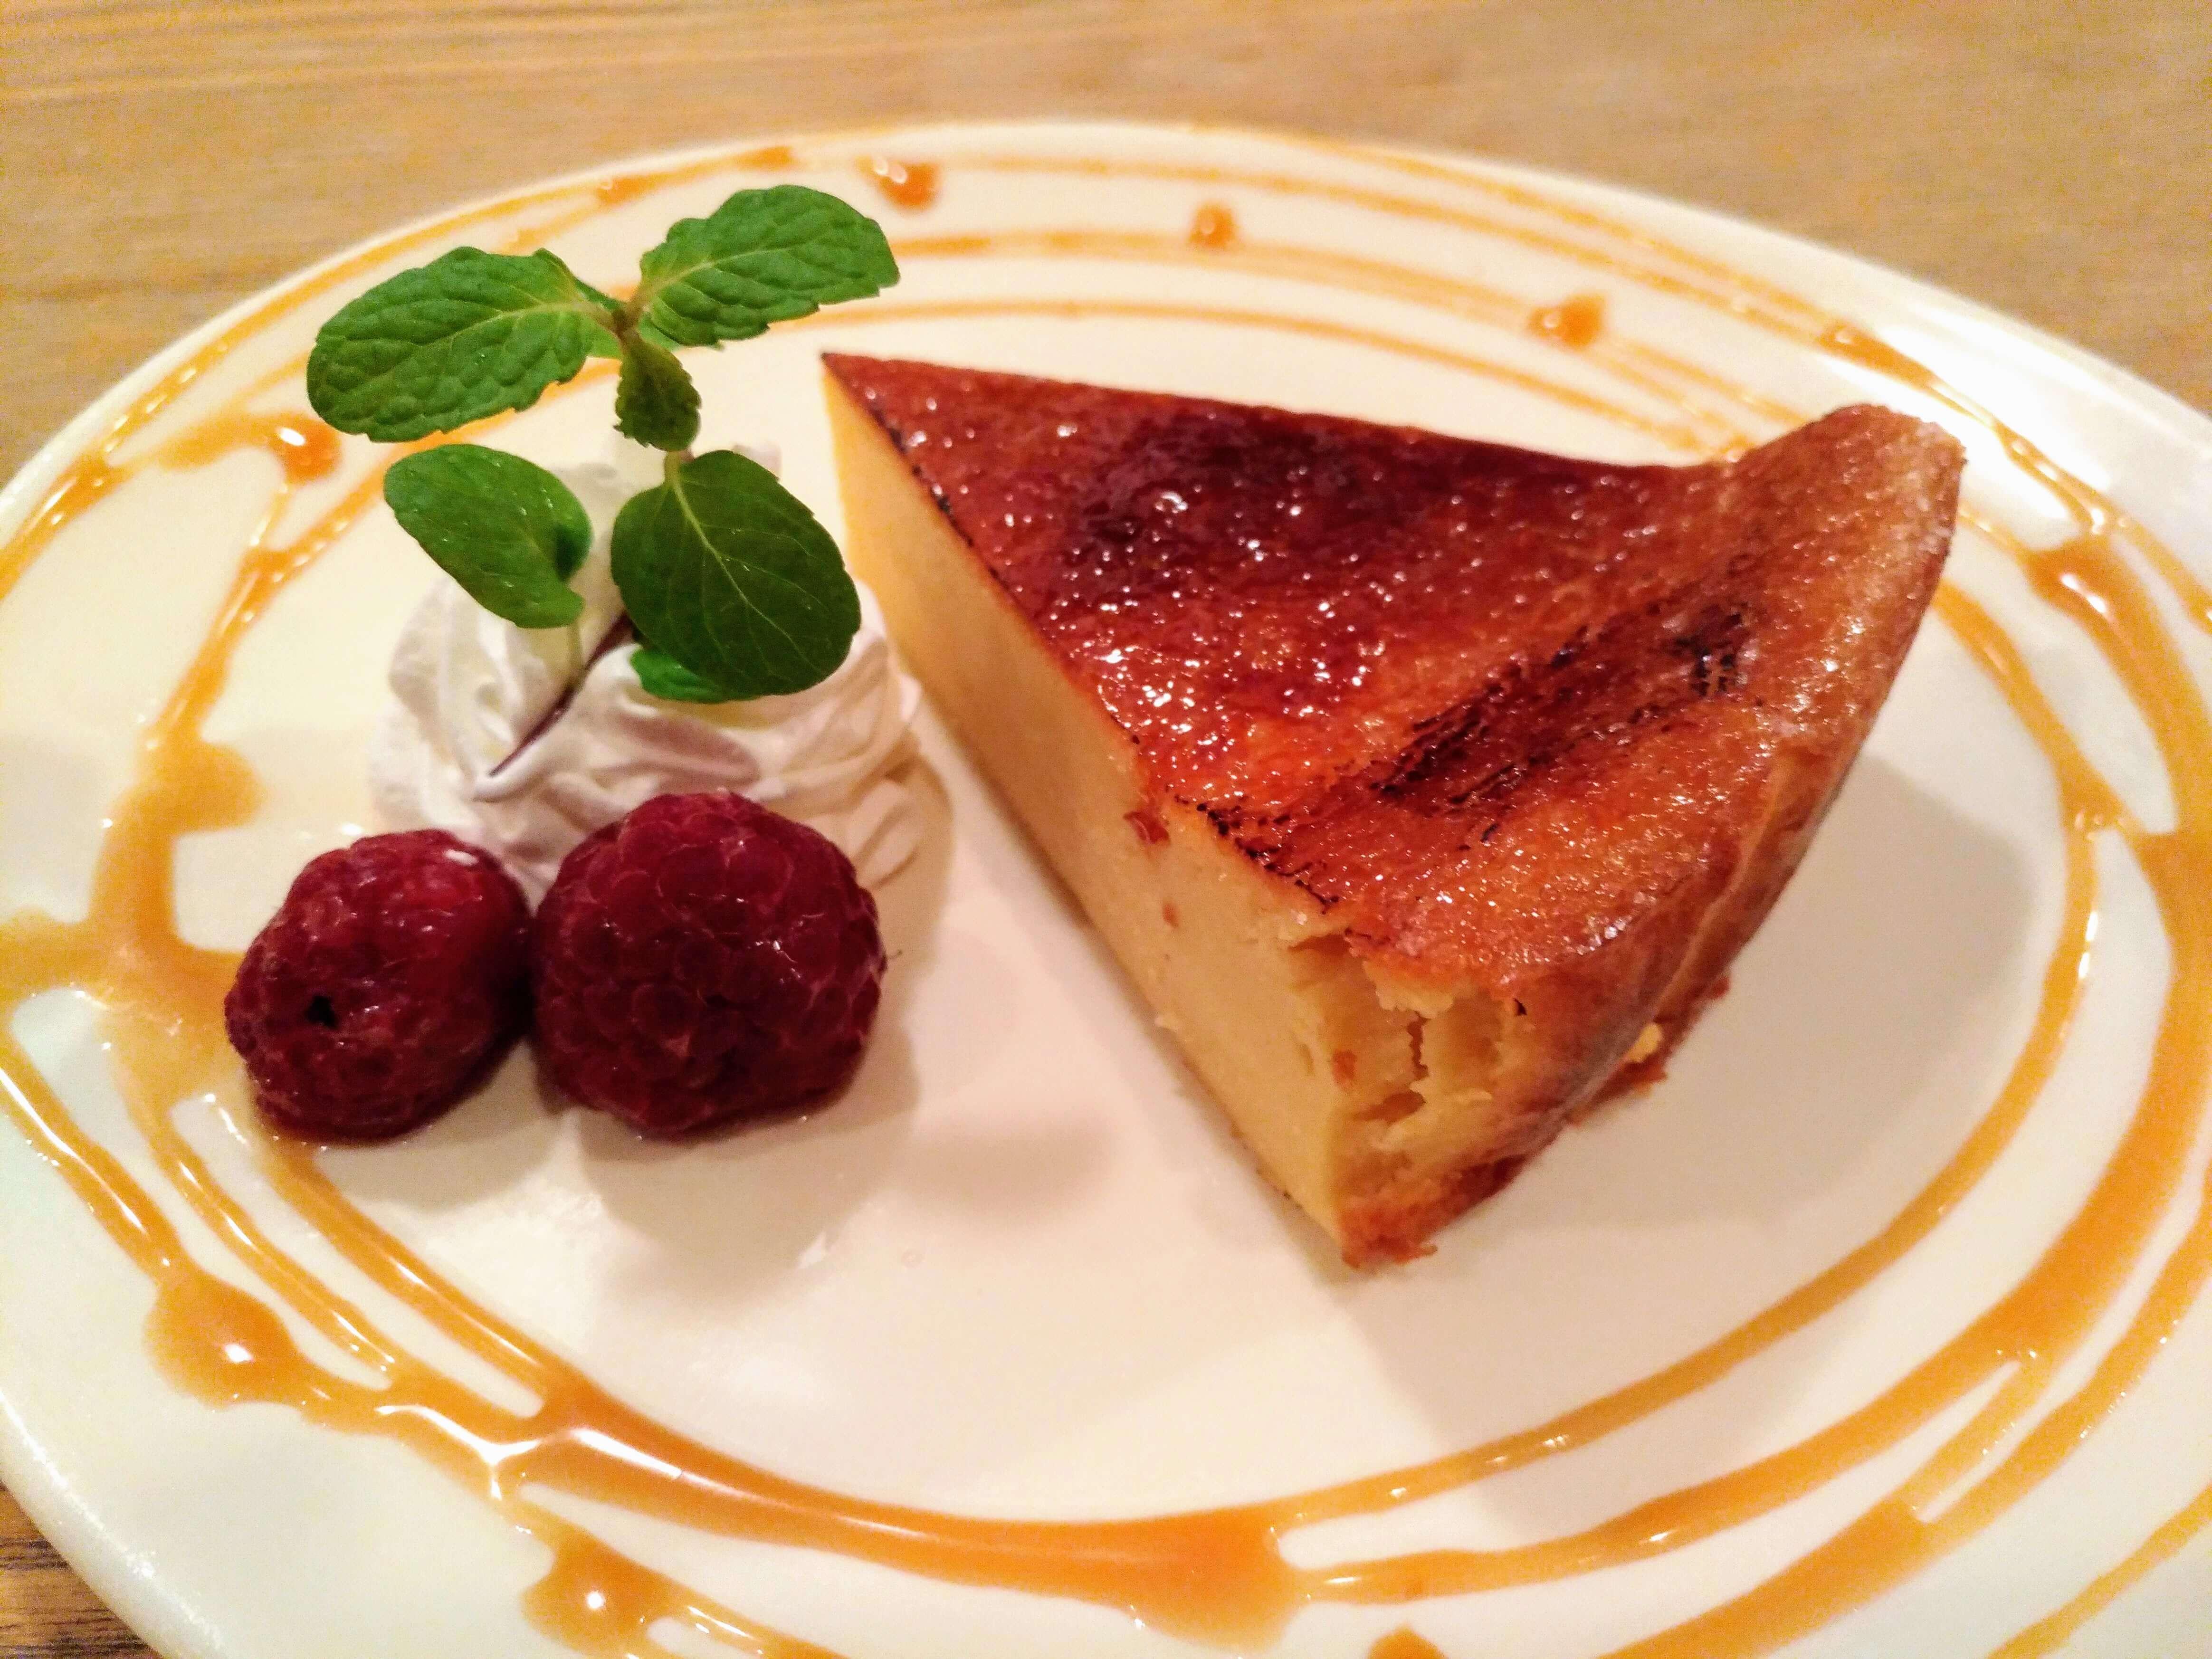 ぽたかカフェ 焦がし砂糖のチーズケーキ (13)